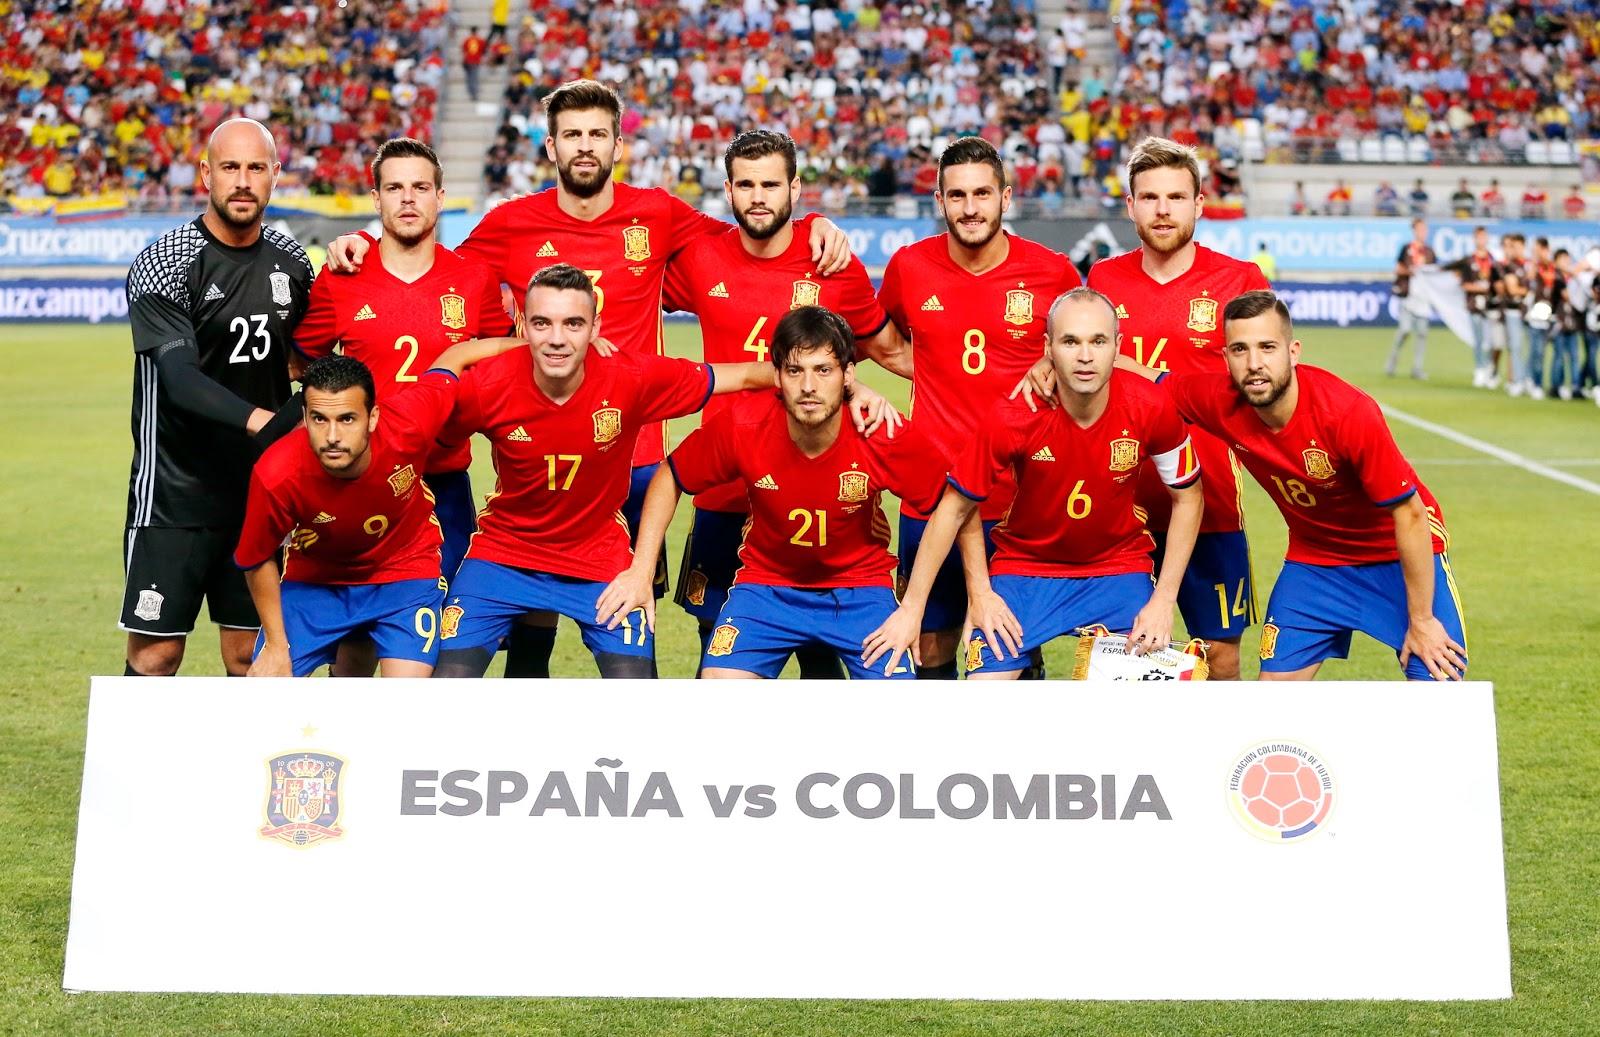 Hilo de la selección de España (selección española) Espa%25C3%25B1a%2B2017%2B06%2B07